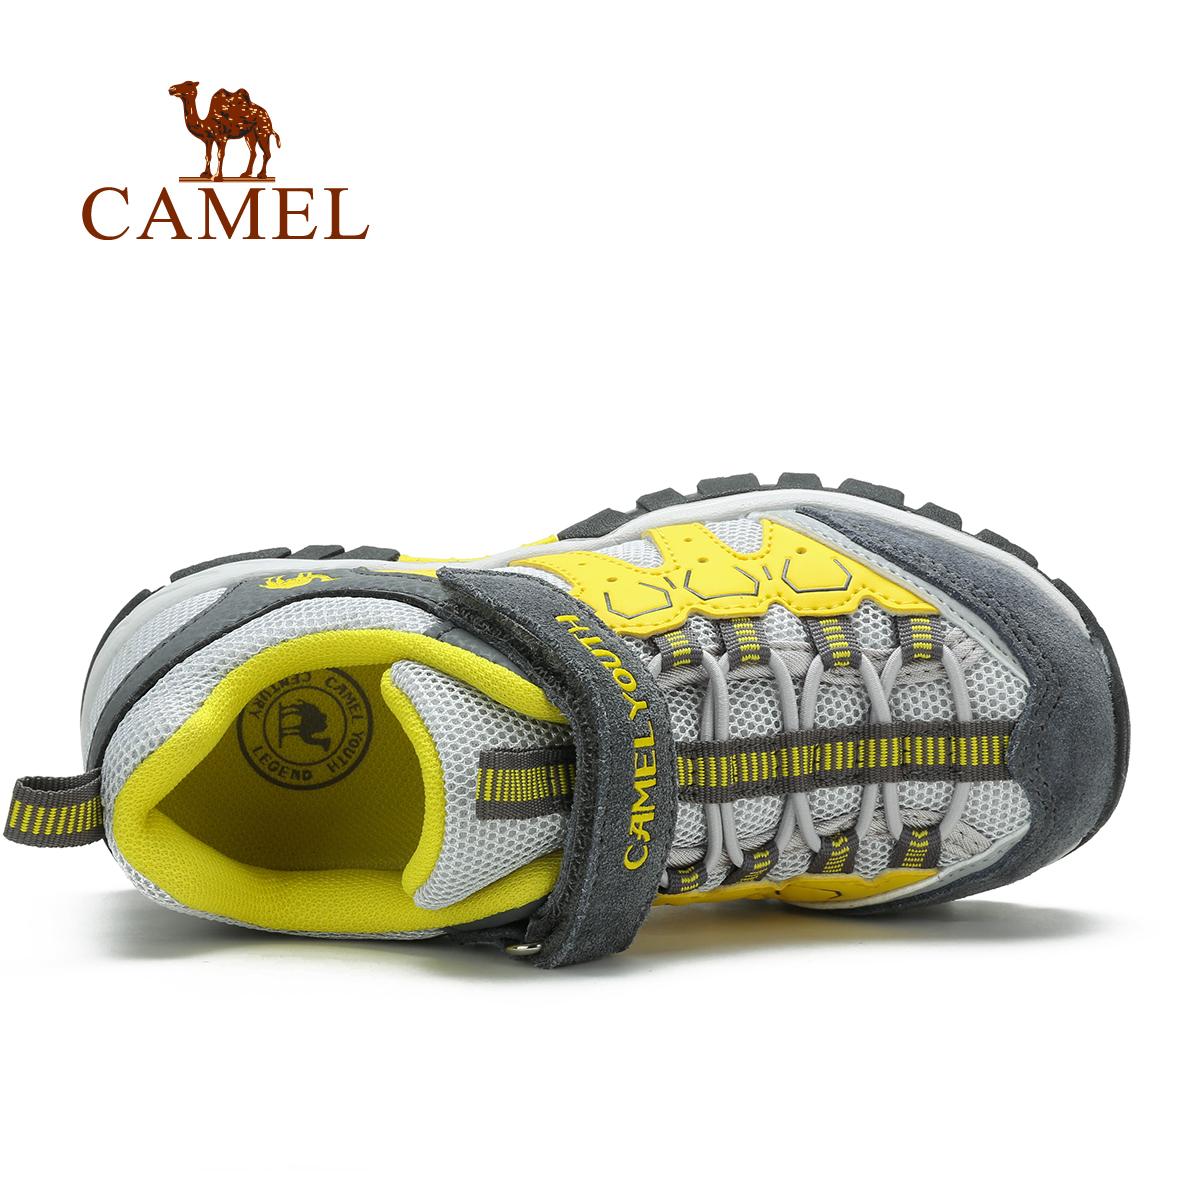 трекинговые кроссовки Camel a440260253 Camel